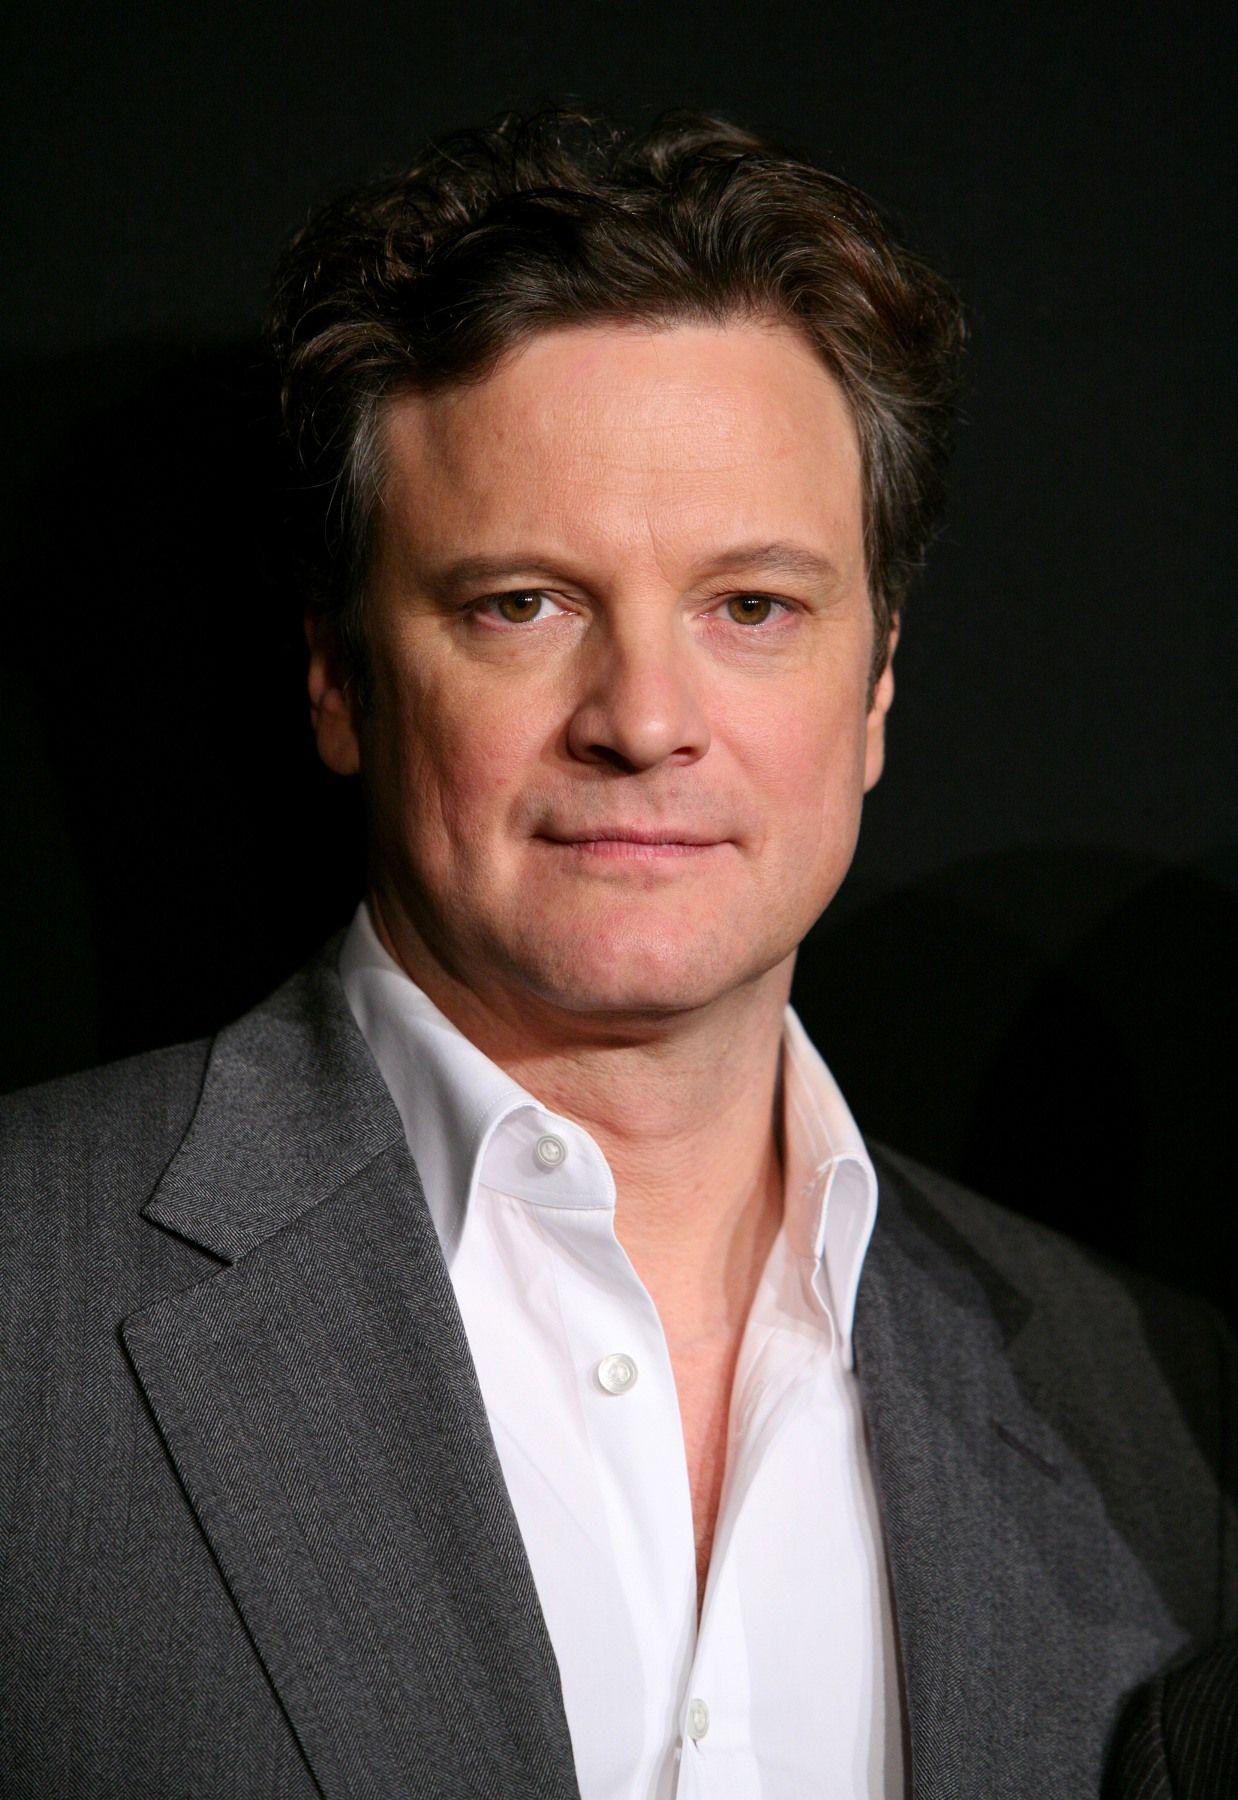 Colin Firth (born 1960) nude photos 2019